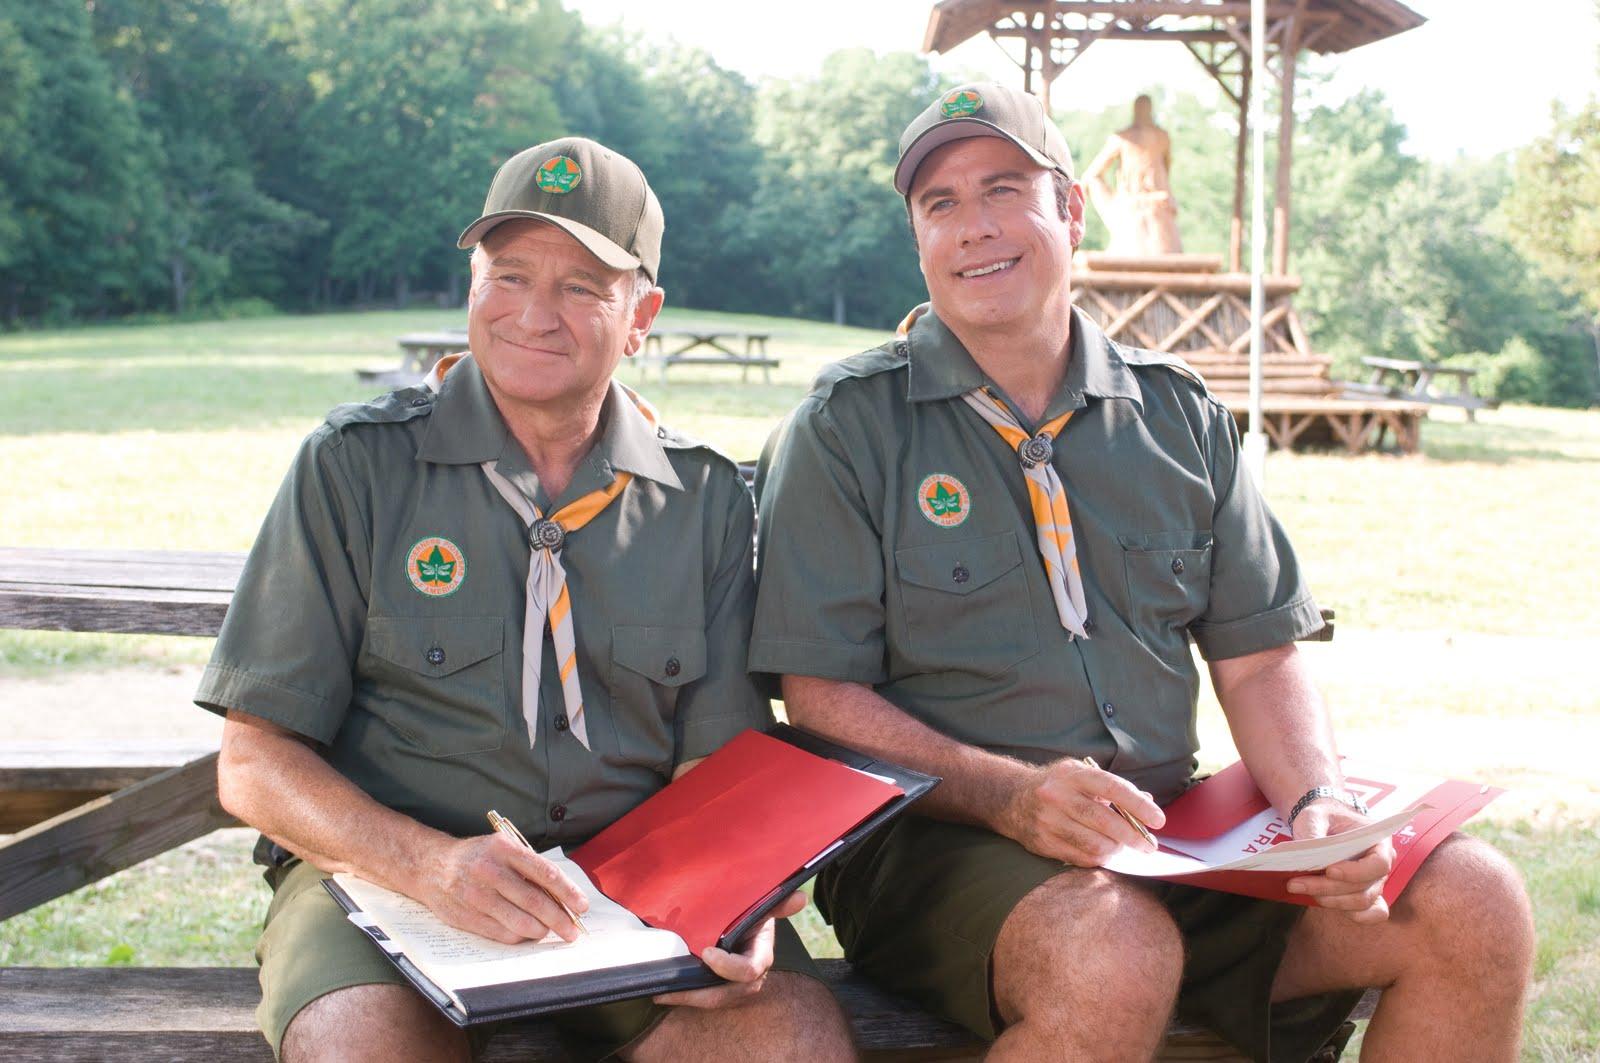 Imagina descobrir de repente que você é pai de gêmeos. É assim que a vida  de Dan (Robin Williams) vira uma completa bagunça em Surpresa em Dobro e59a6c4aa37